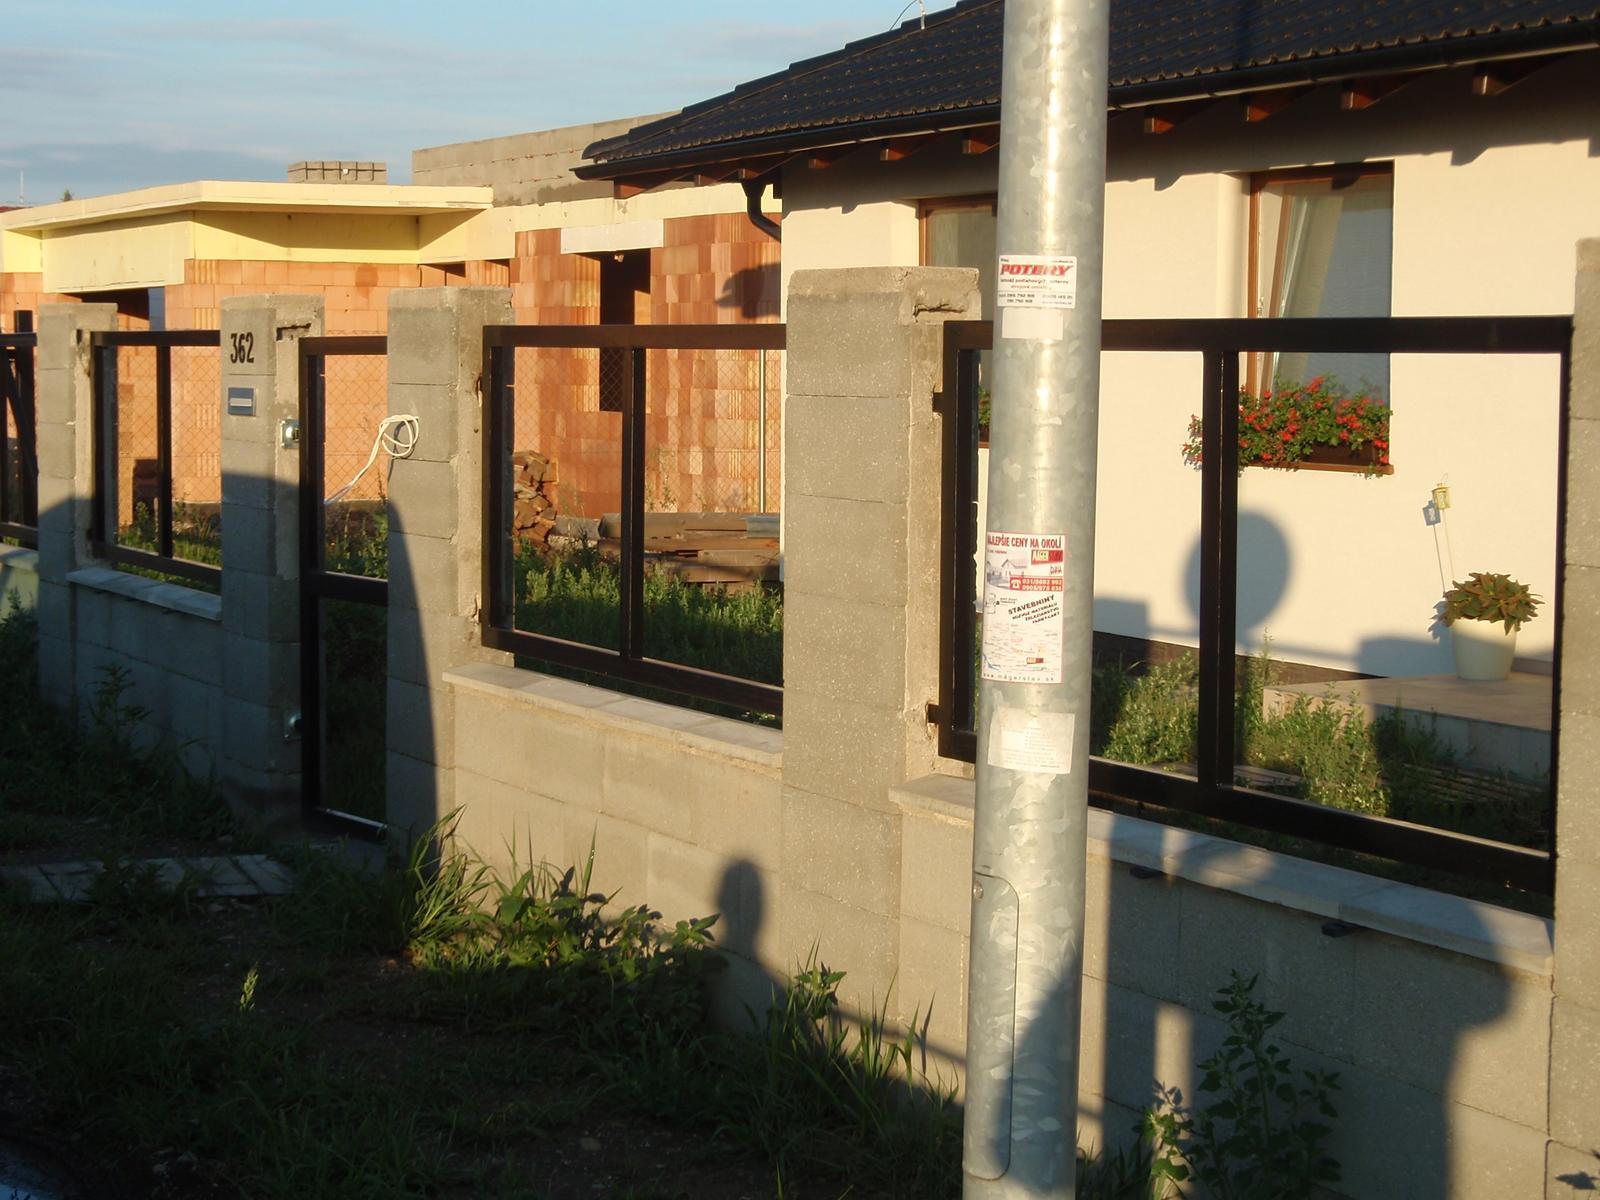 Moje vyrobky brany / voliera/ kvetinac  atd. - Samonostna brana vyska 1,8m + plotove vyplne